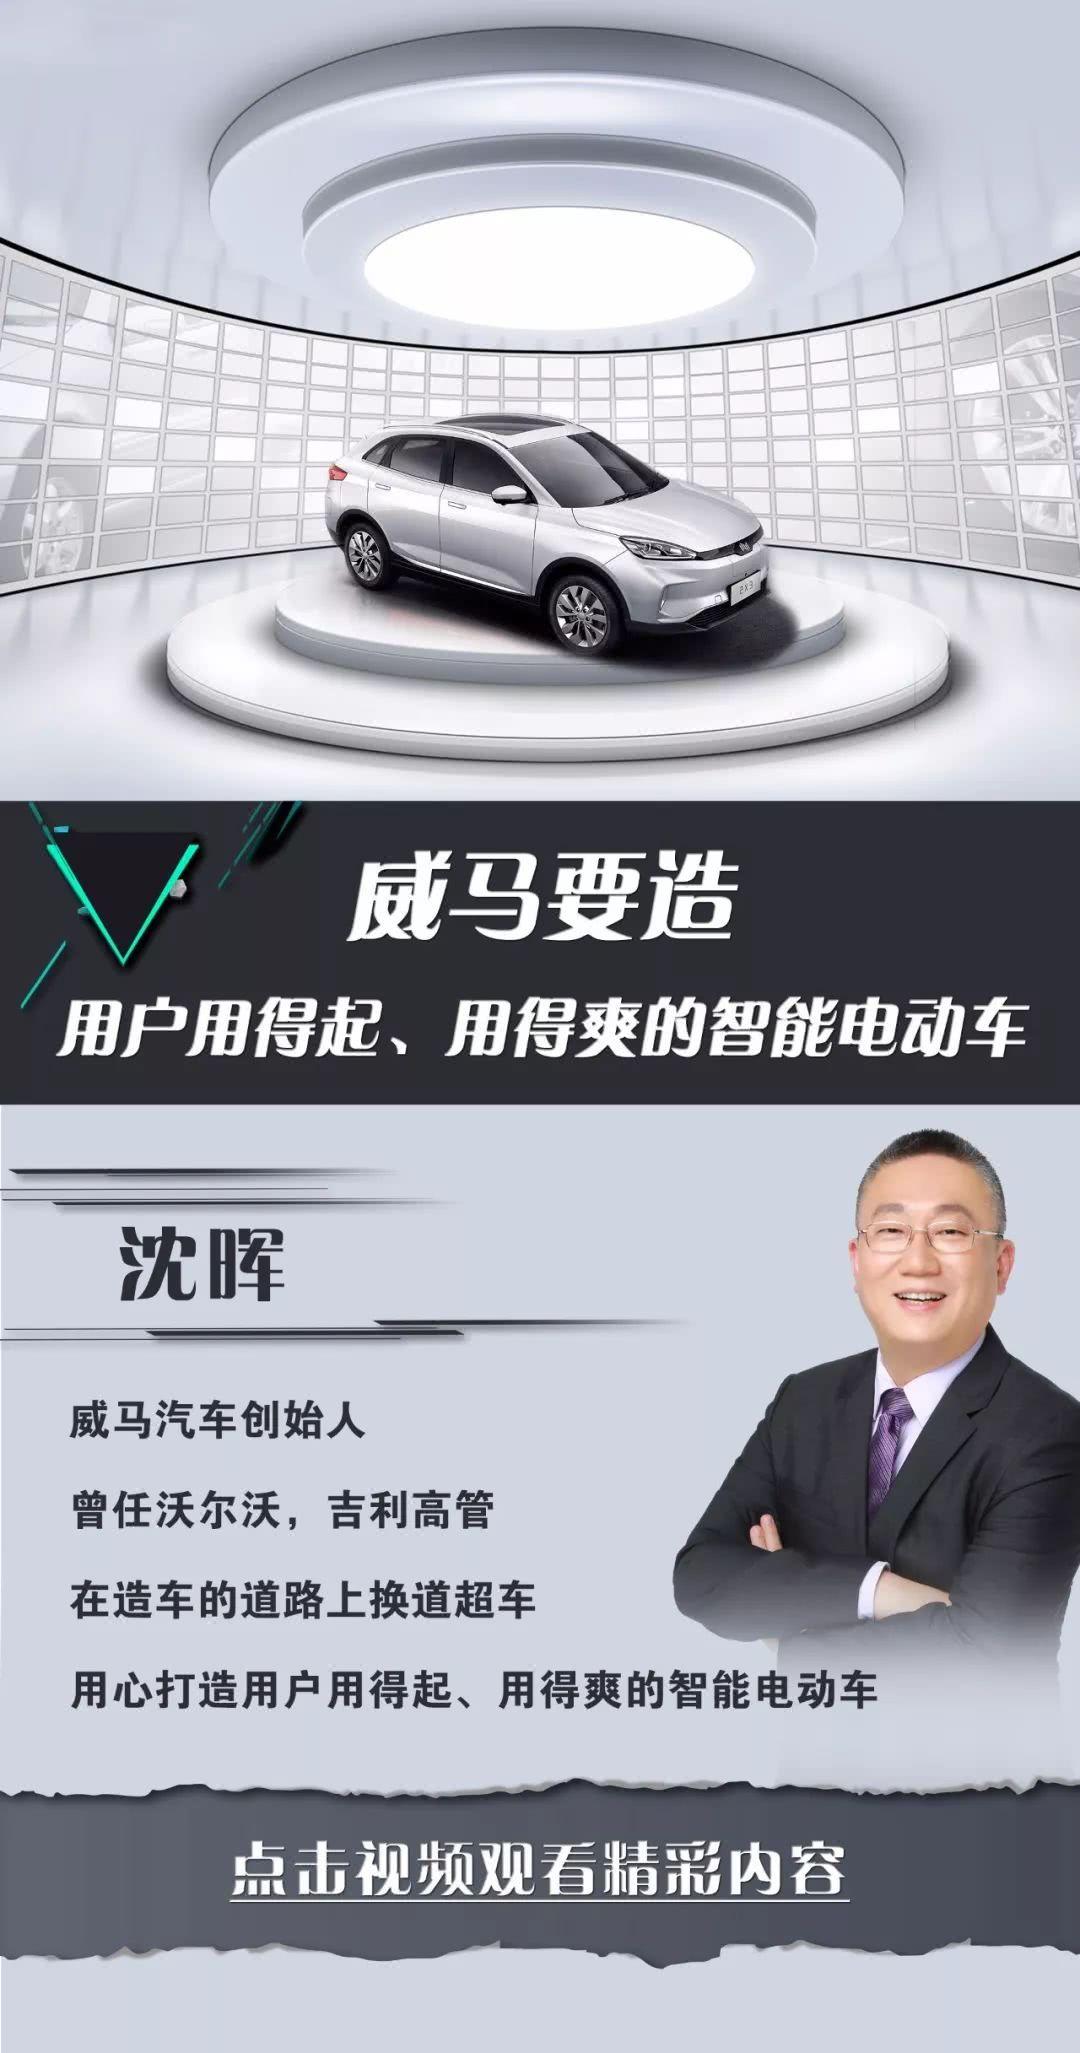 威马汽车董事长沈晖:威马要造用户用得起,用得爽的智能电动车